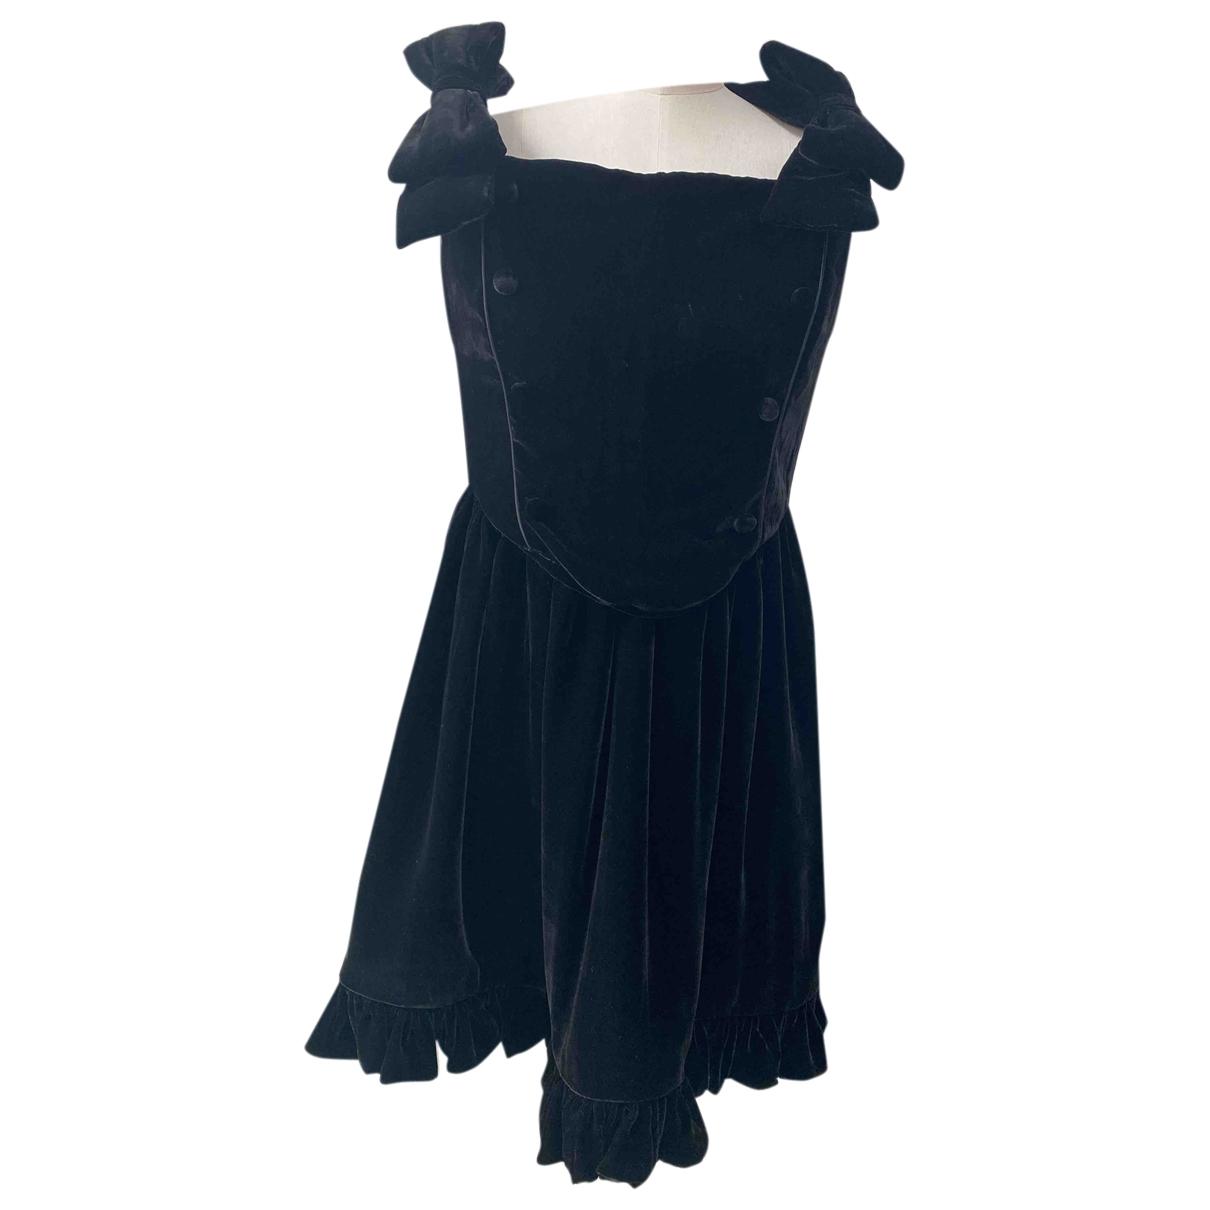 Vivetta \N Black Velvet dress for Women 42 IT